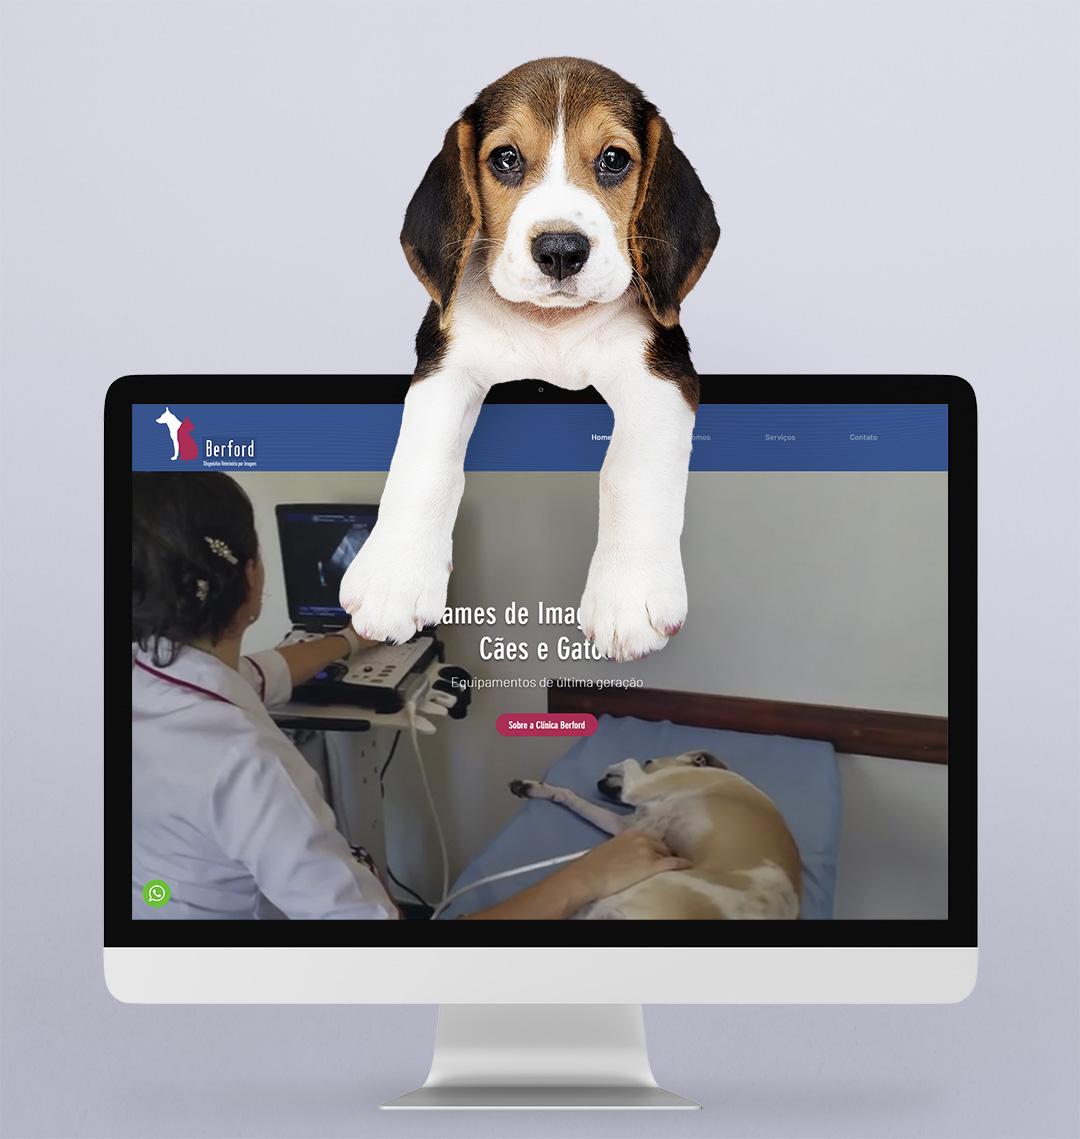 Berford-Exames de Imagem Cães/Gatos